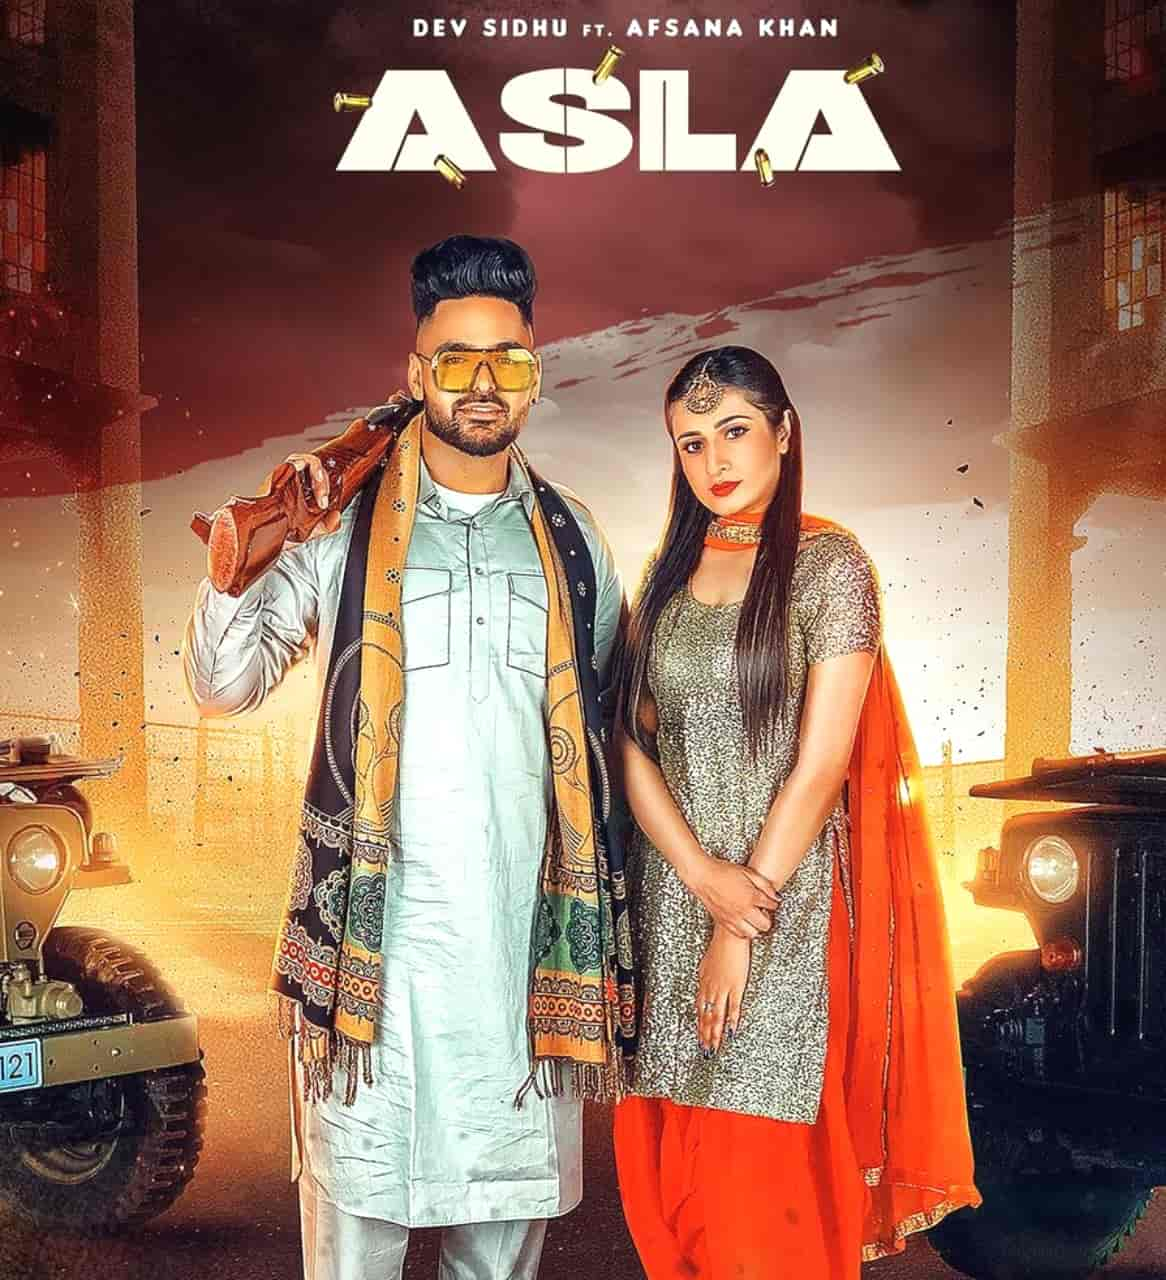 Asla Punjabi Song Image Features Dev Sidhu and Afsana Khan